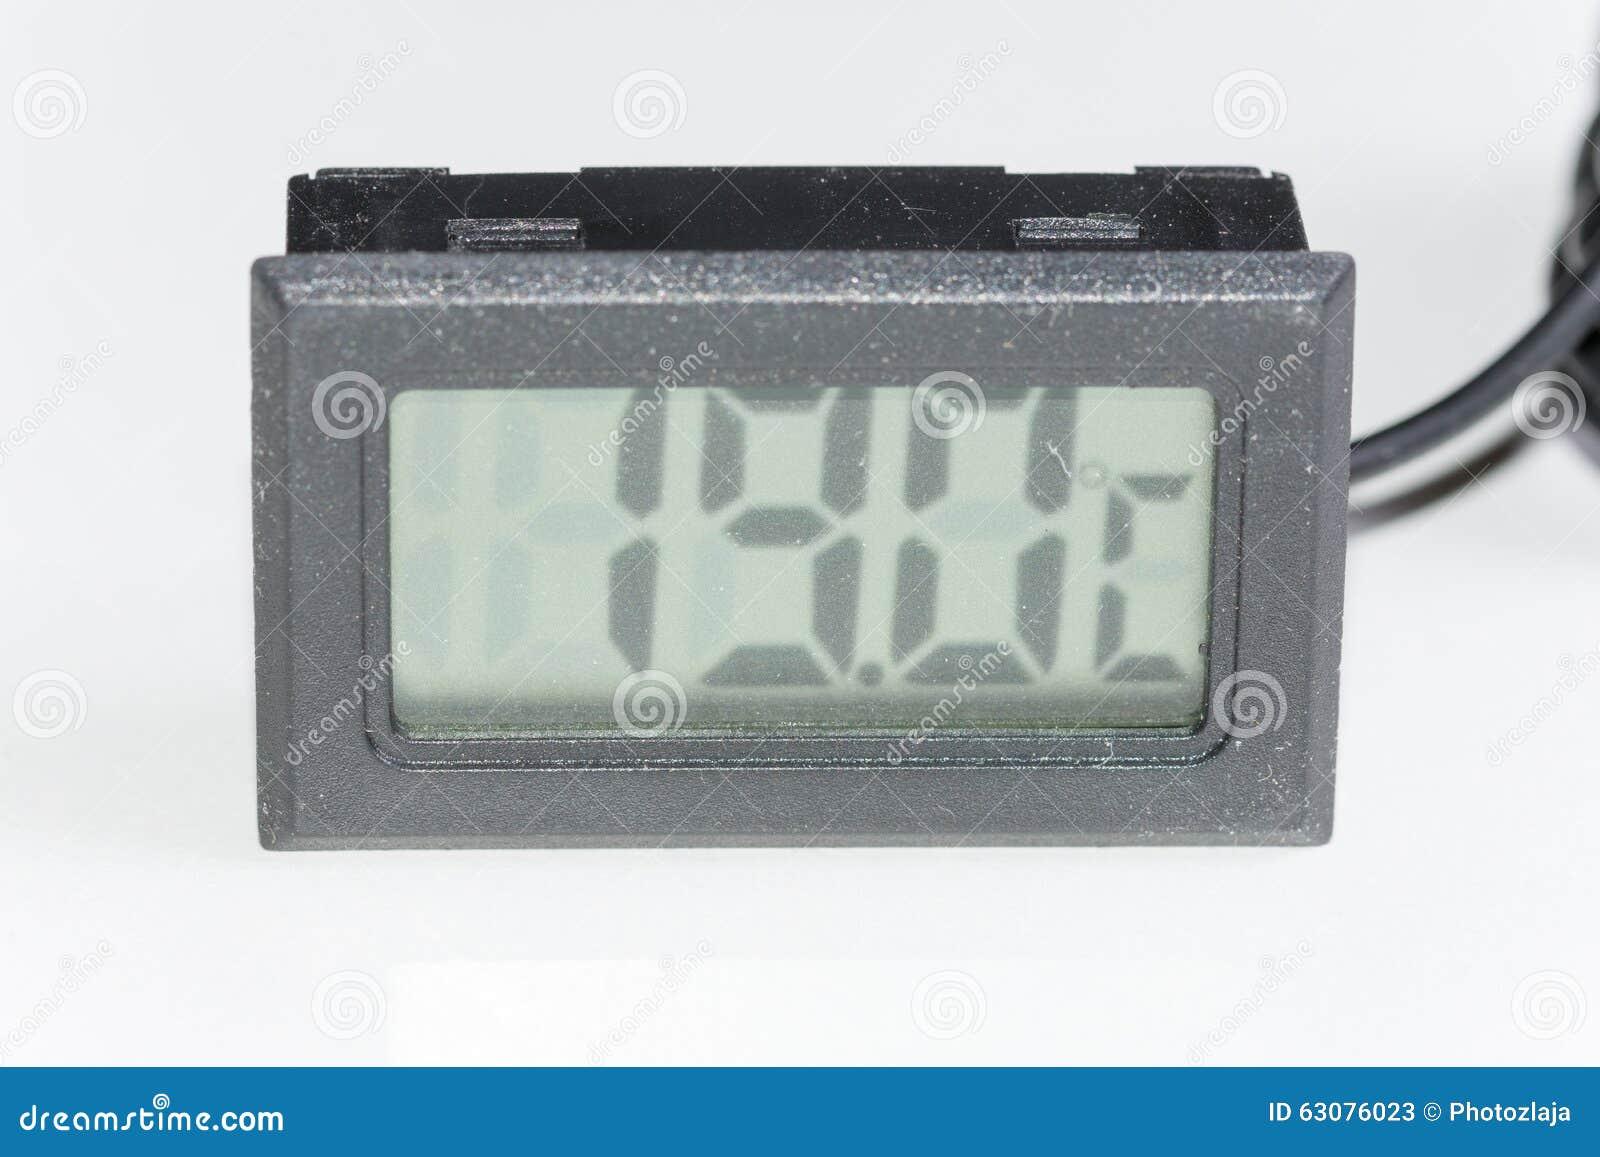 Download Thermomètre Numérique En Plastique Noir Image stock - Image du digital, électronique: 63076023